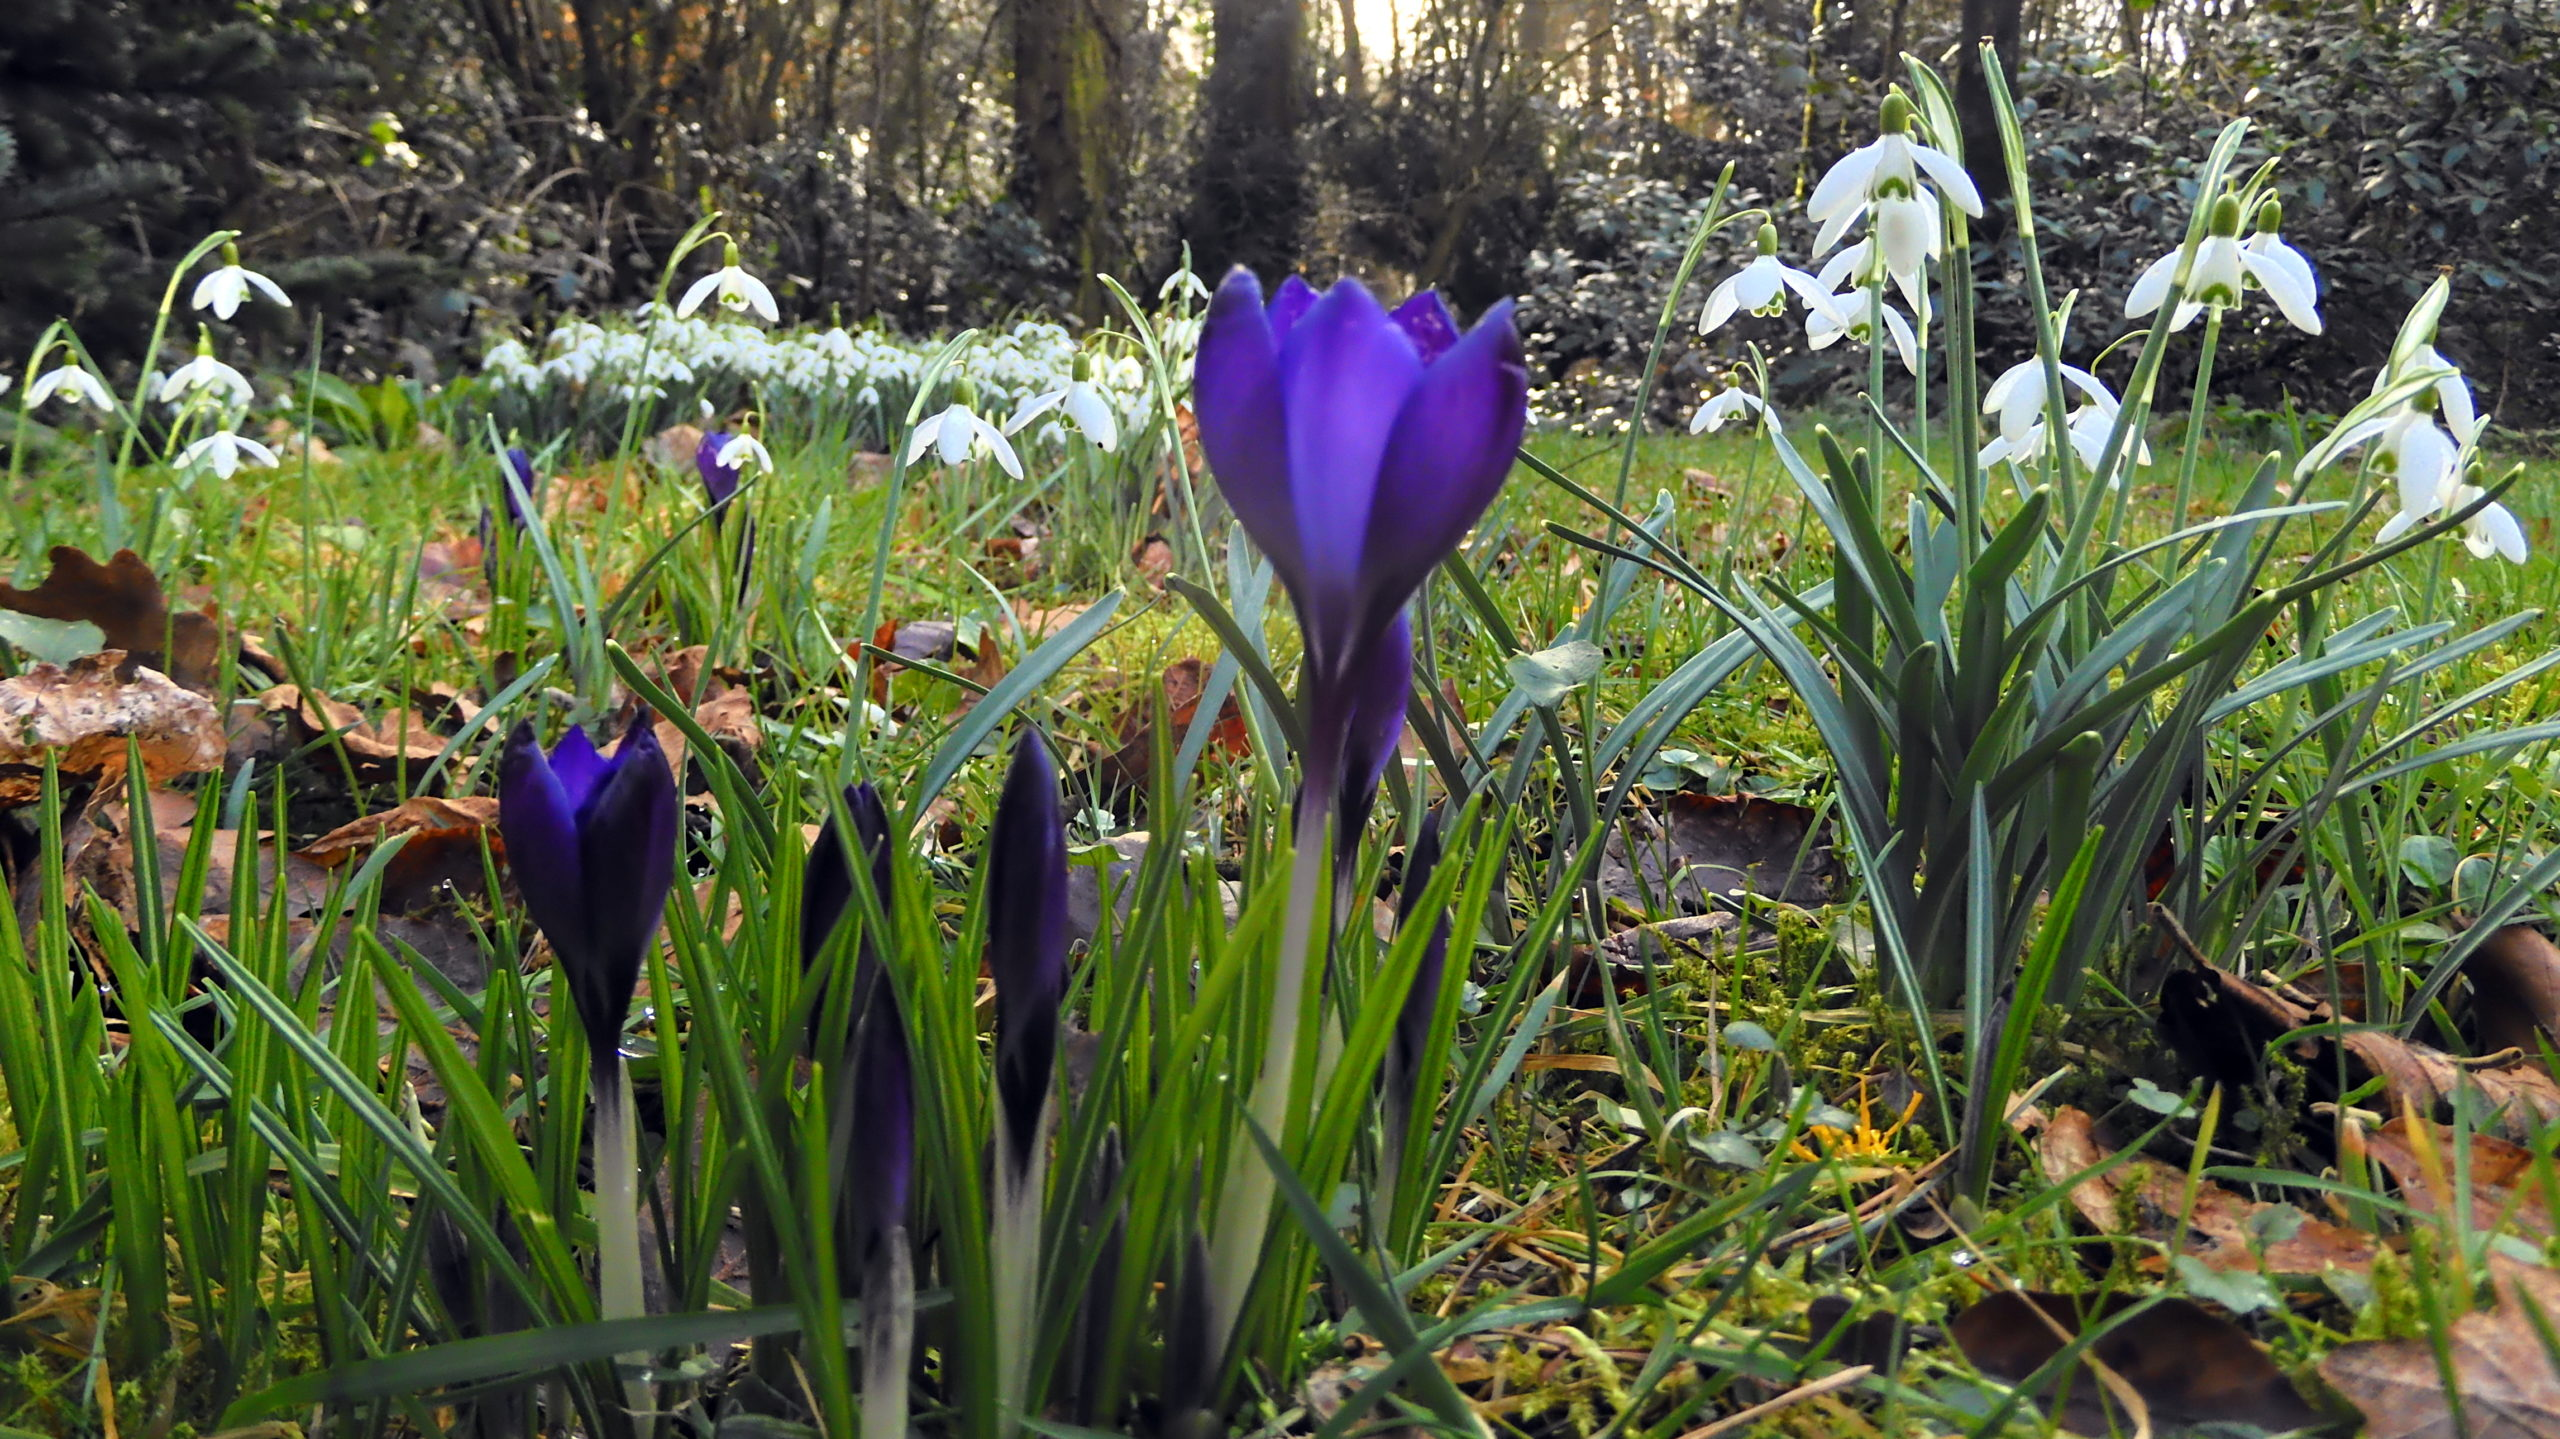 Kommt jetzt schon der Frühling? Meteorologen verzeichnen historischen Temperatursprung